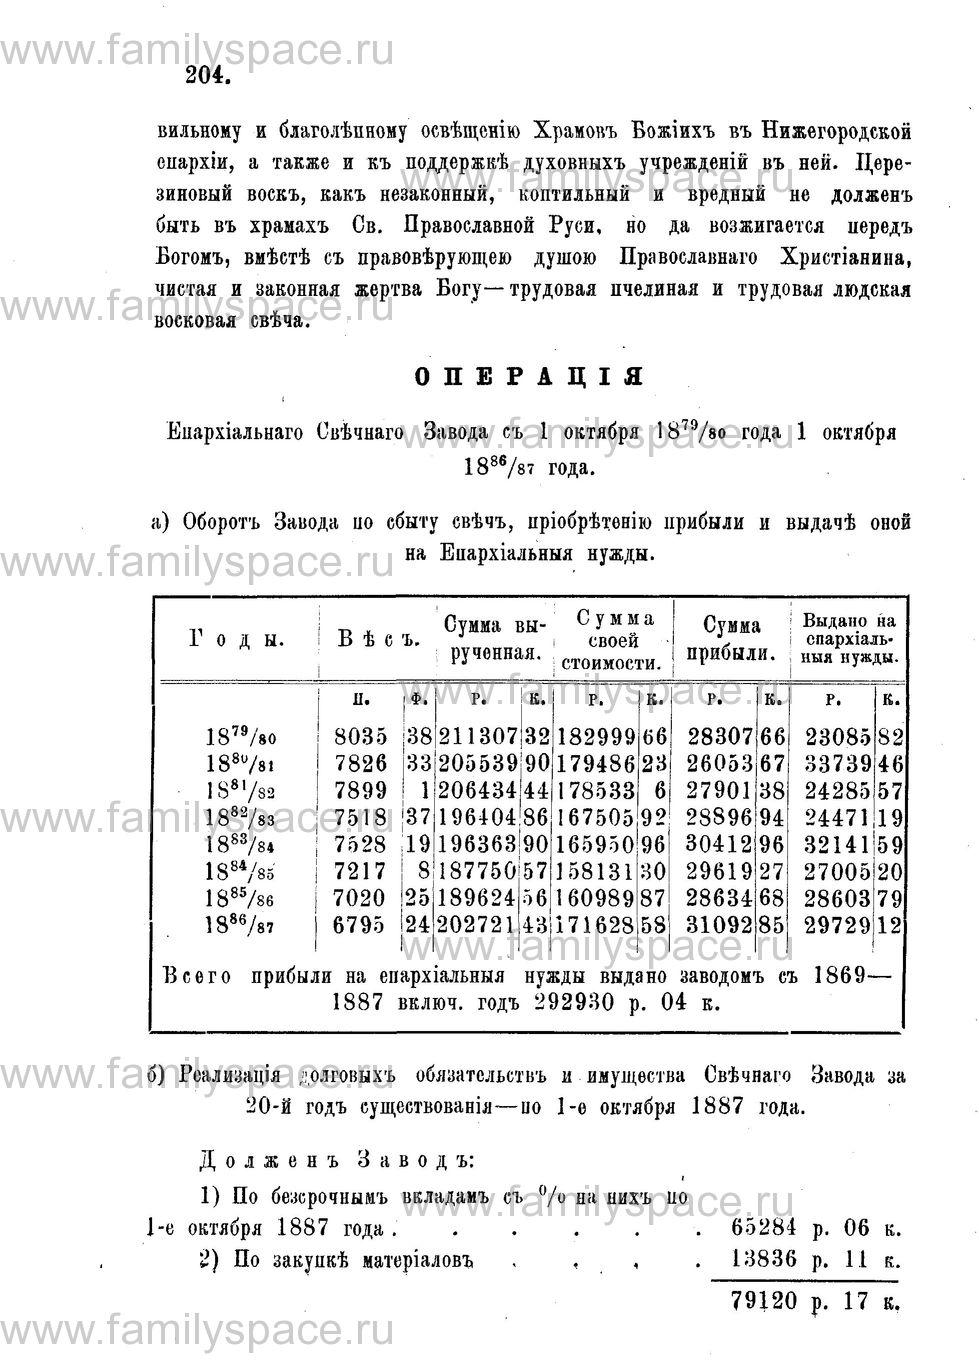 Поиск по фамилии - Адрес-календарь Нижегородской епархии на 1888 год, страница 1204